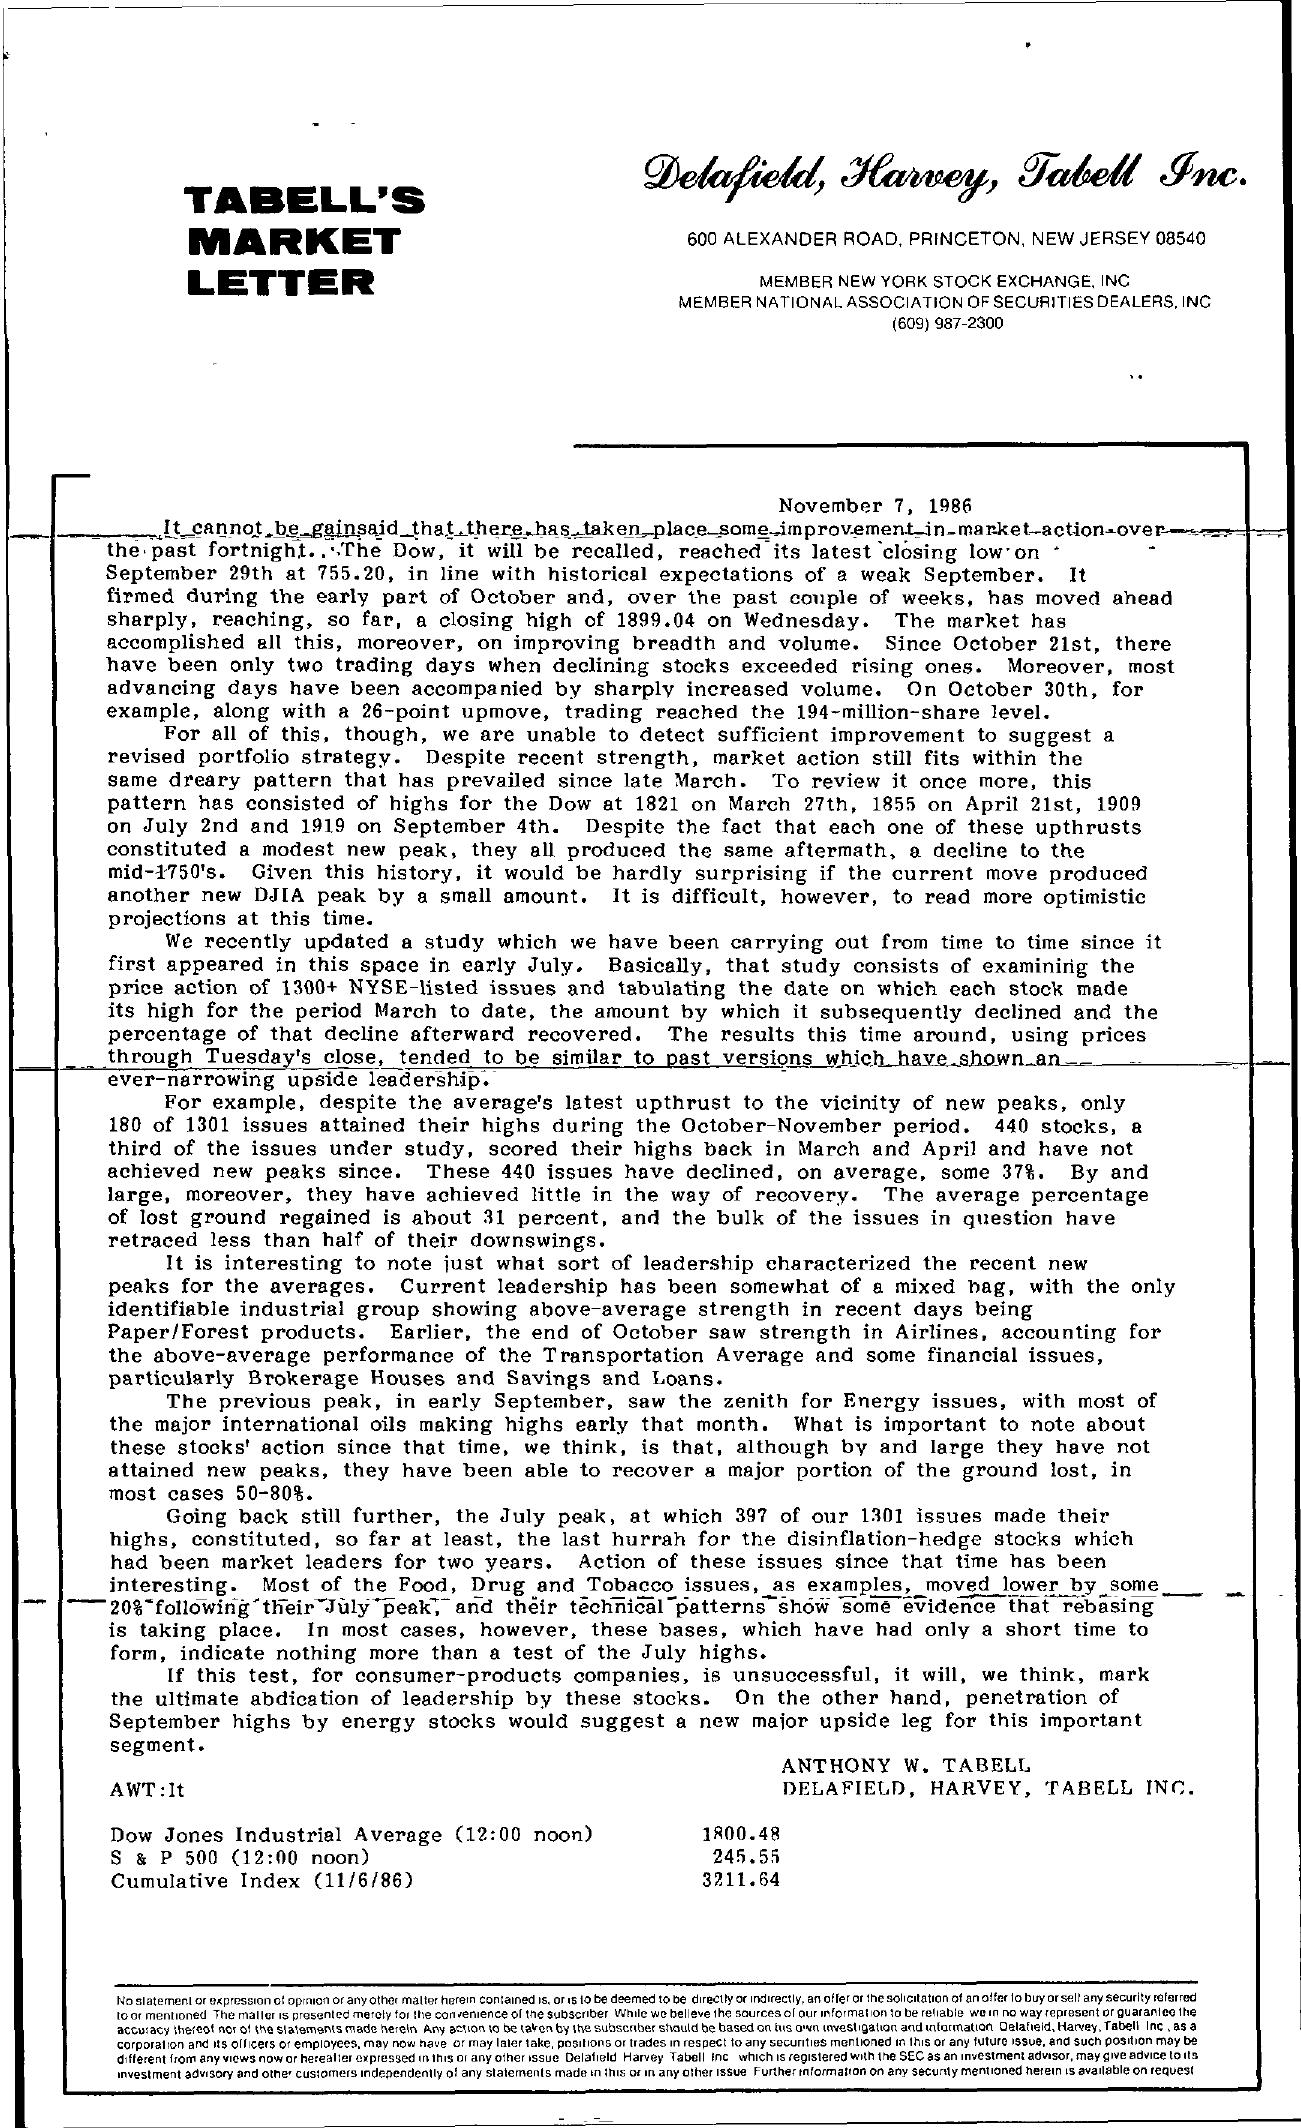 Tabell's Market Letter - November 07, 1986